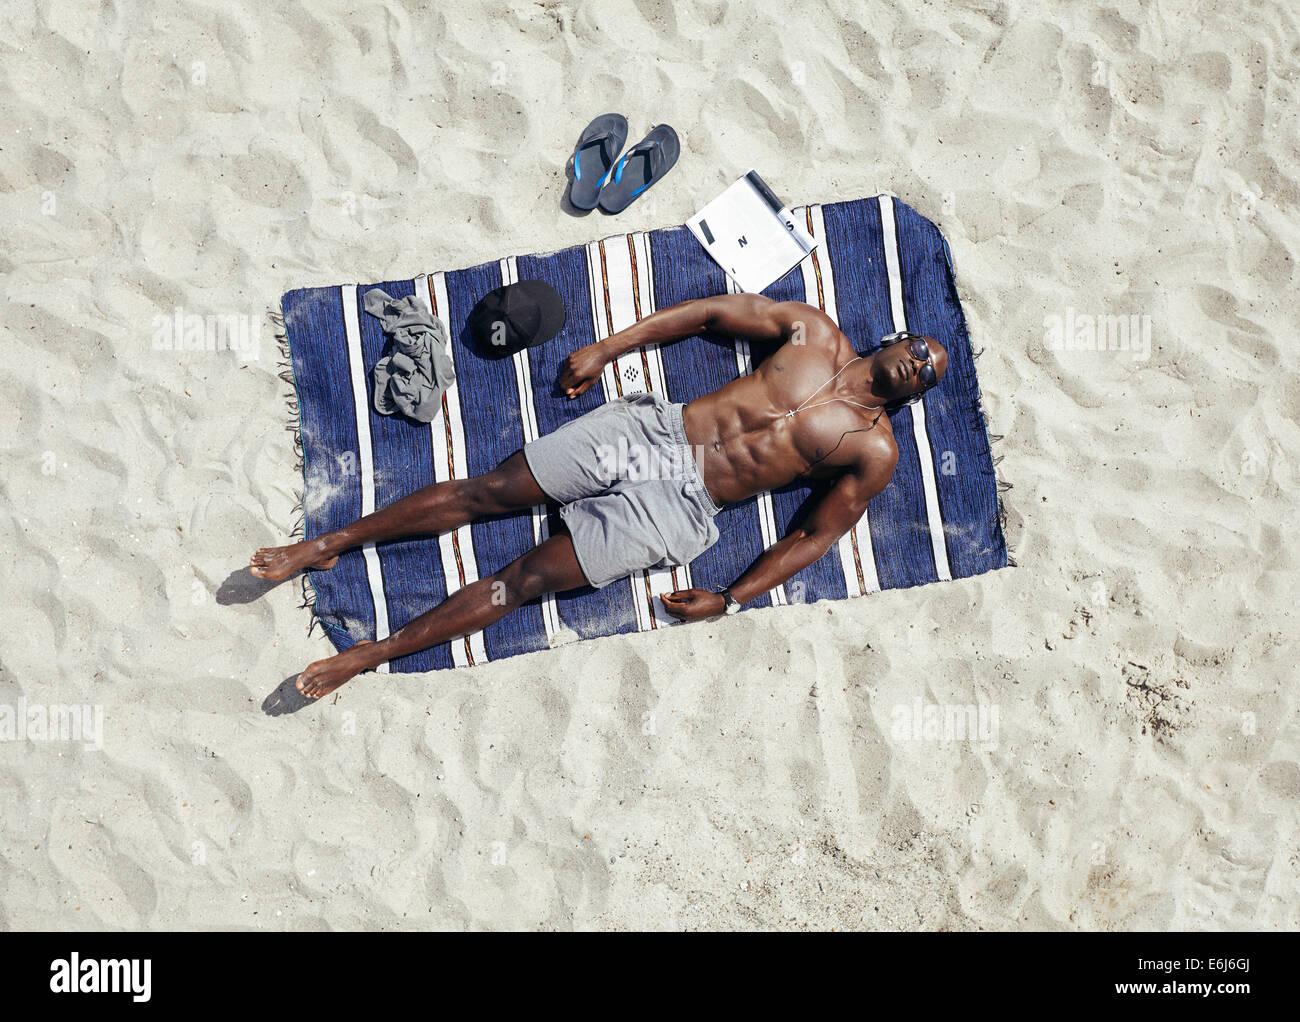 Draufsicht der junge Kerl liegend auf einer Matte Sonnenbaden ohne Hemd. Afrikanische männlichen Modell entspannend Stockbild